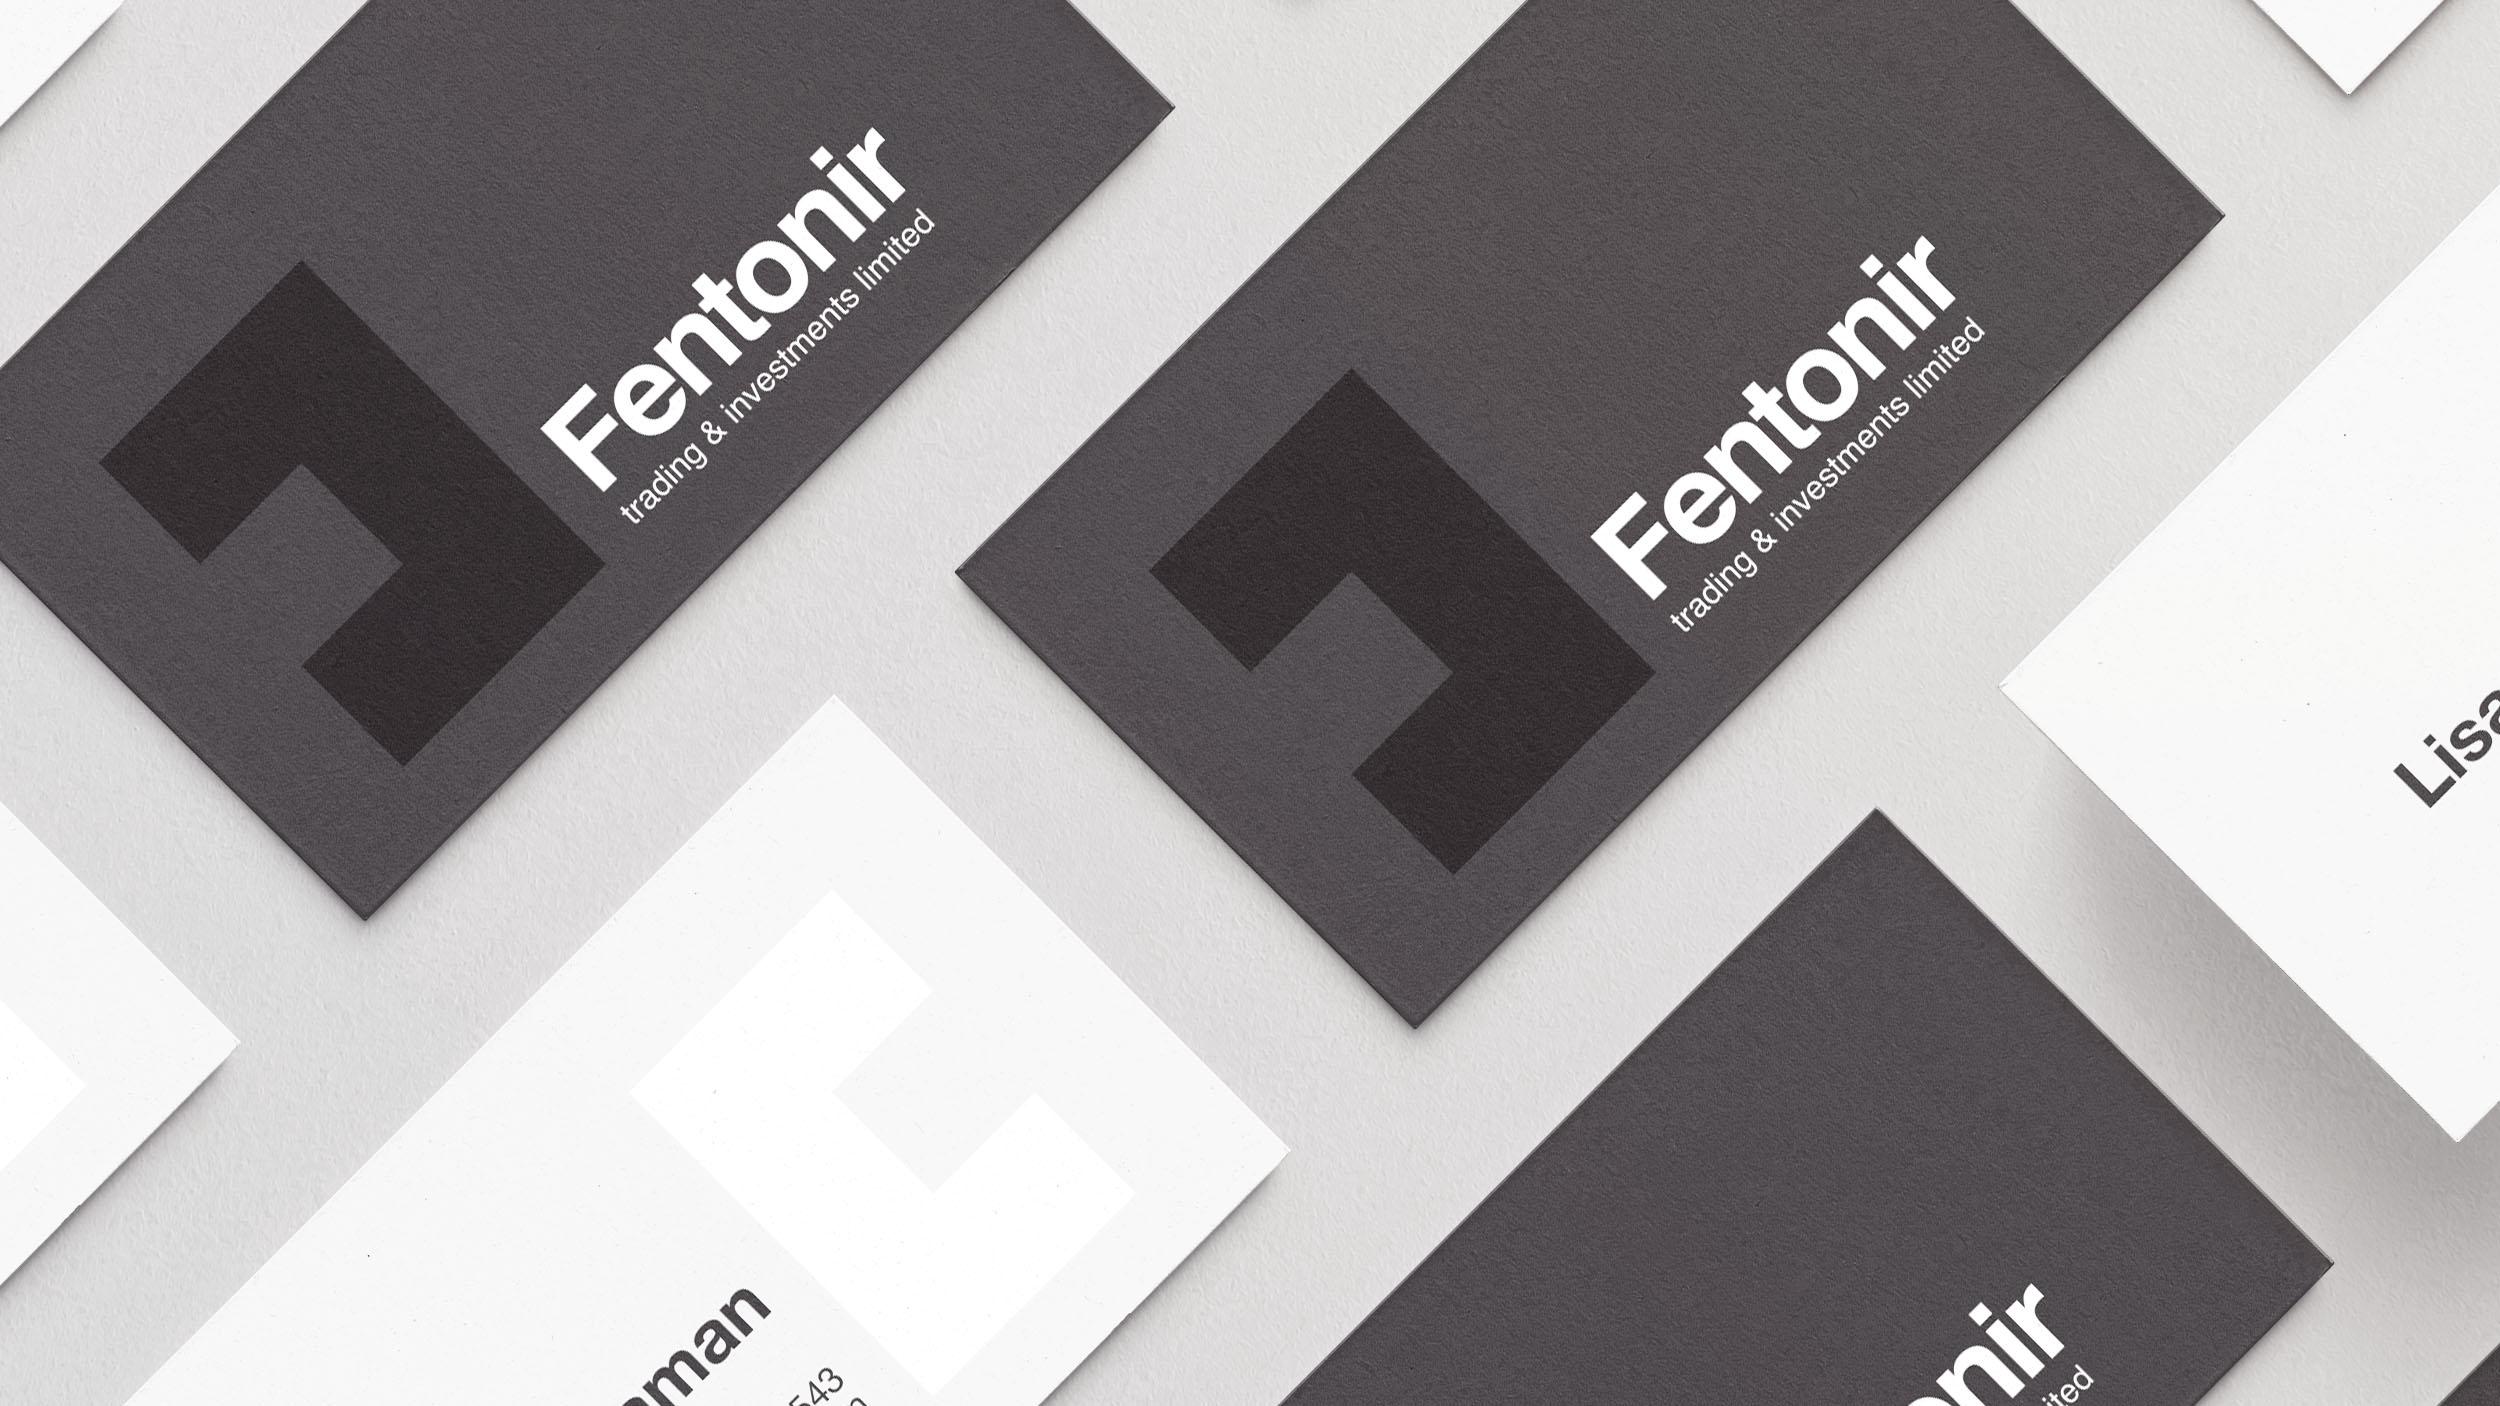 fentonir-business-cards